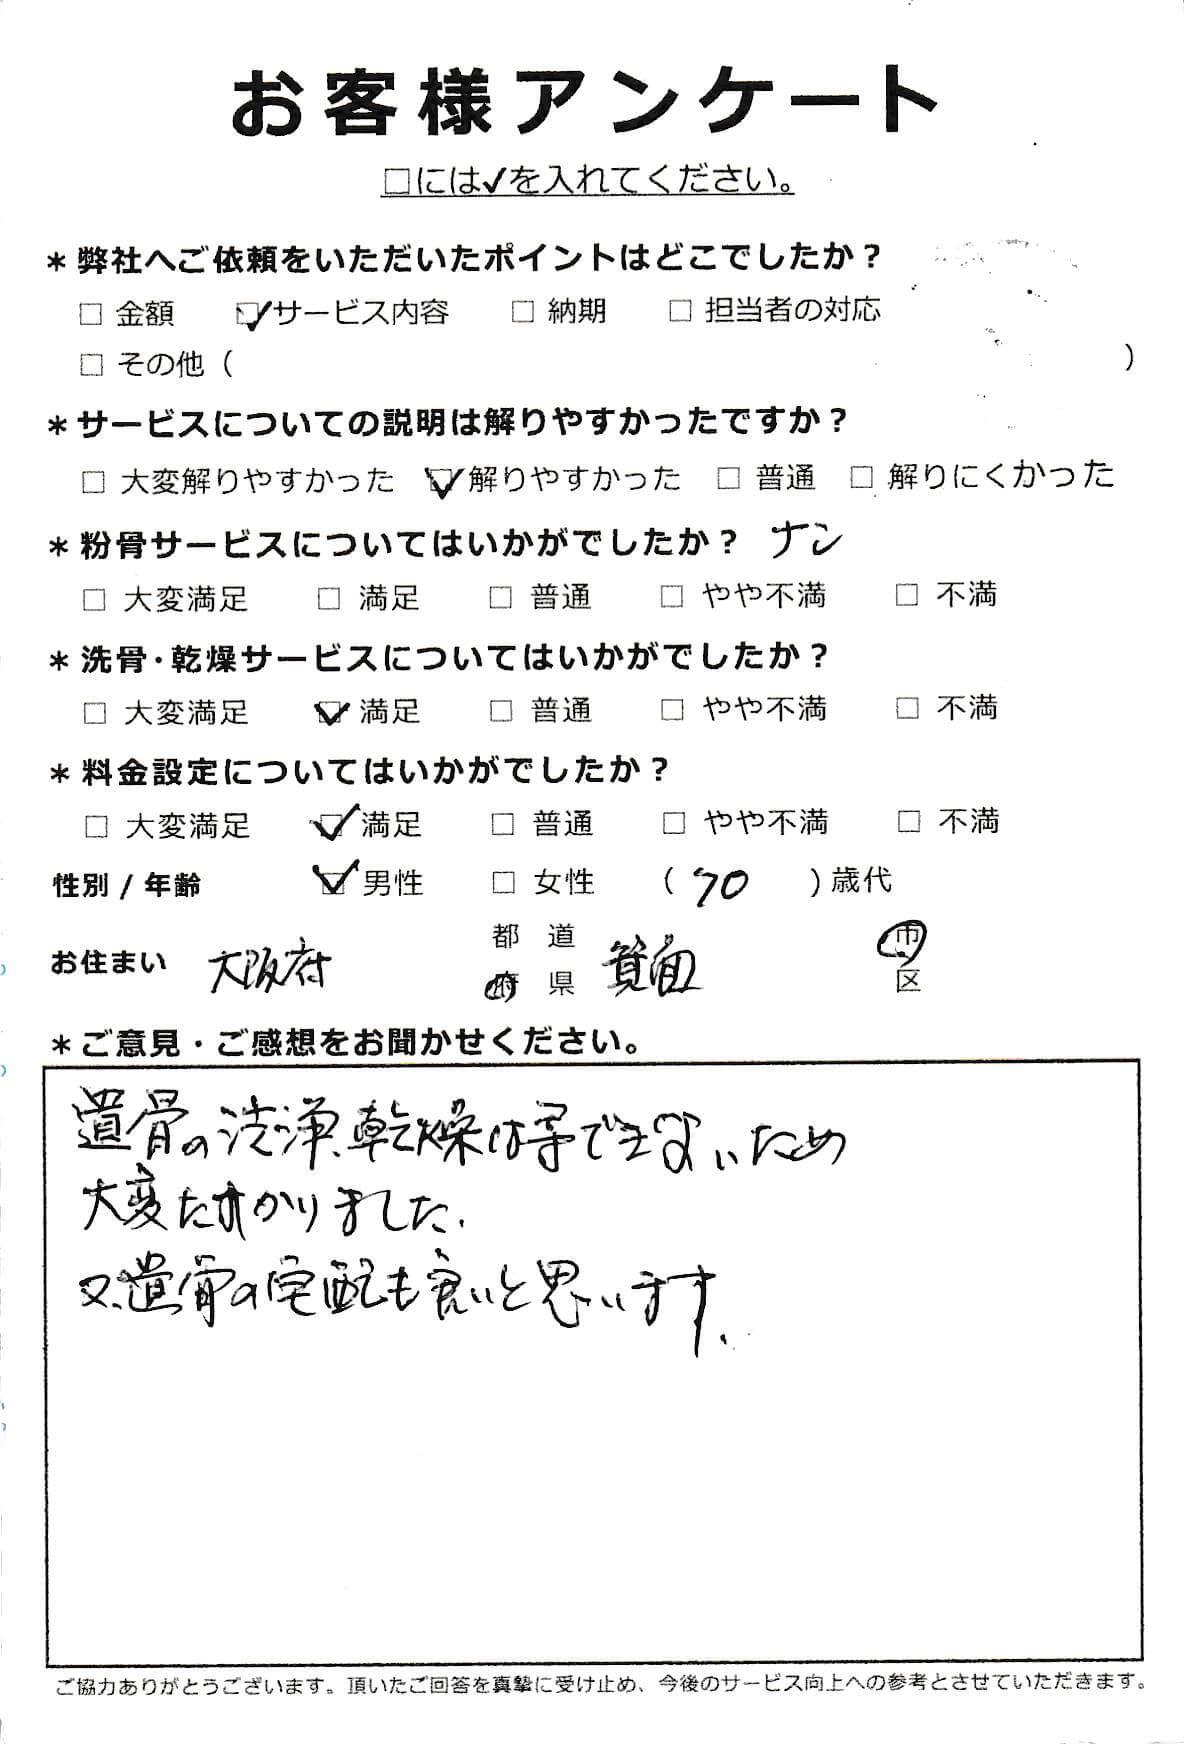 大阪府箕面市での洗骨・乾燥サービス